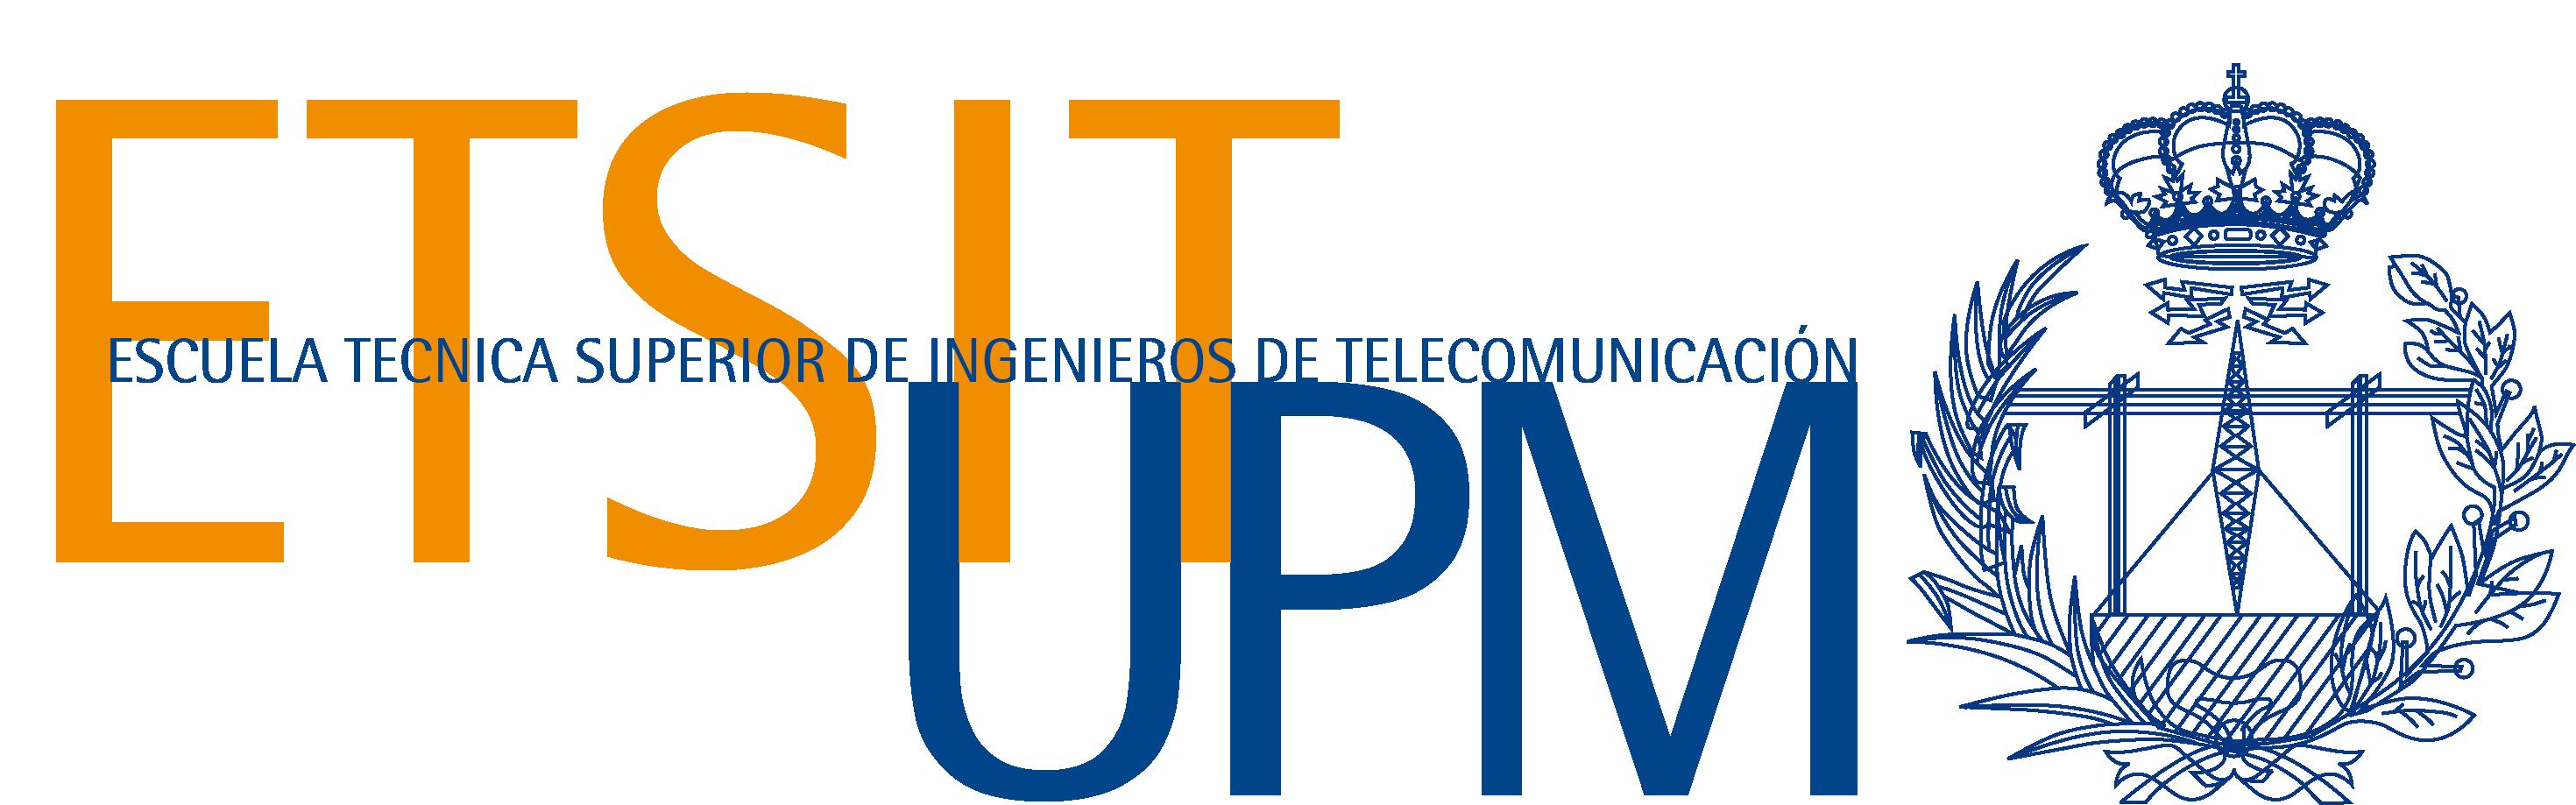 Futuros alumnos | ETSI de Telecomunicación - Universidad Politécnica de Madrid